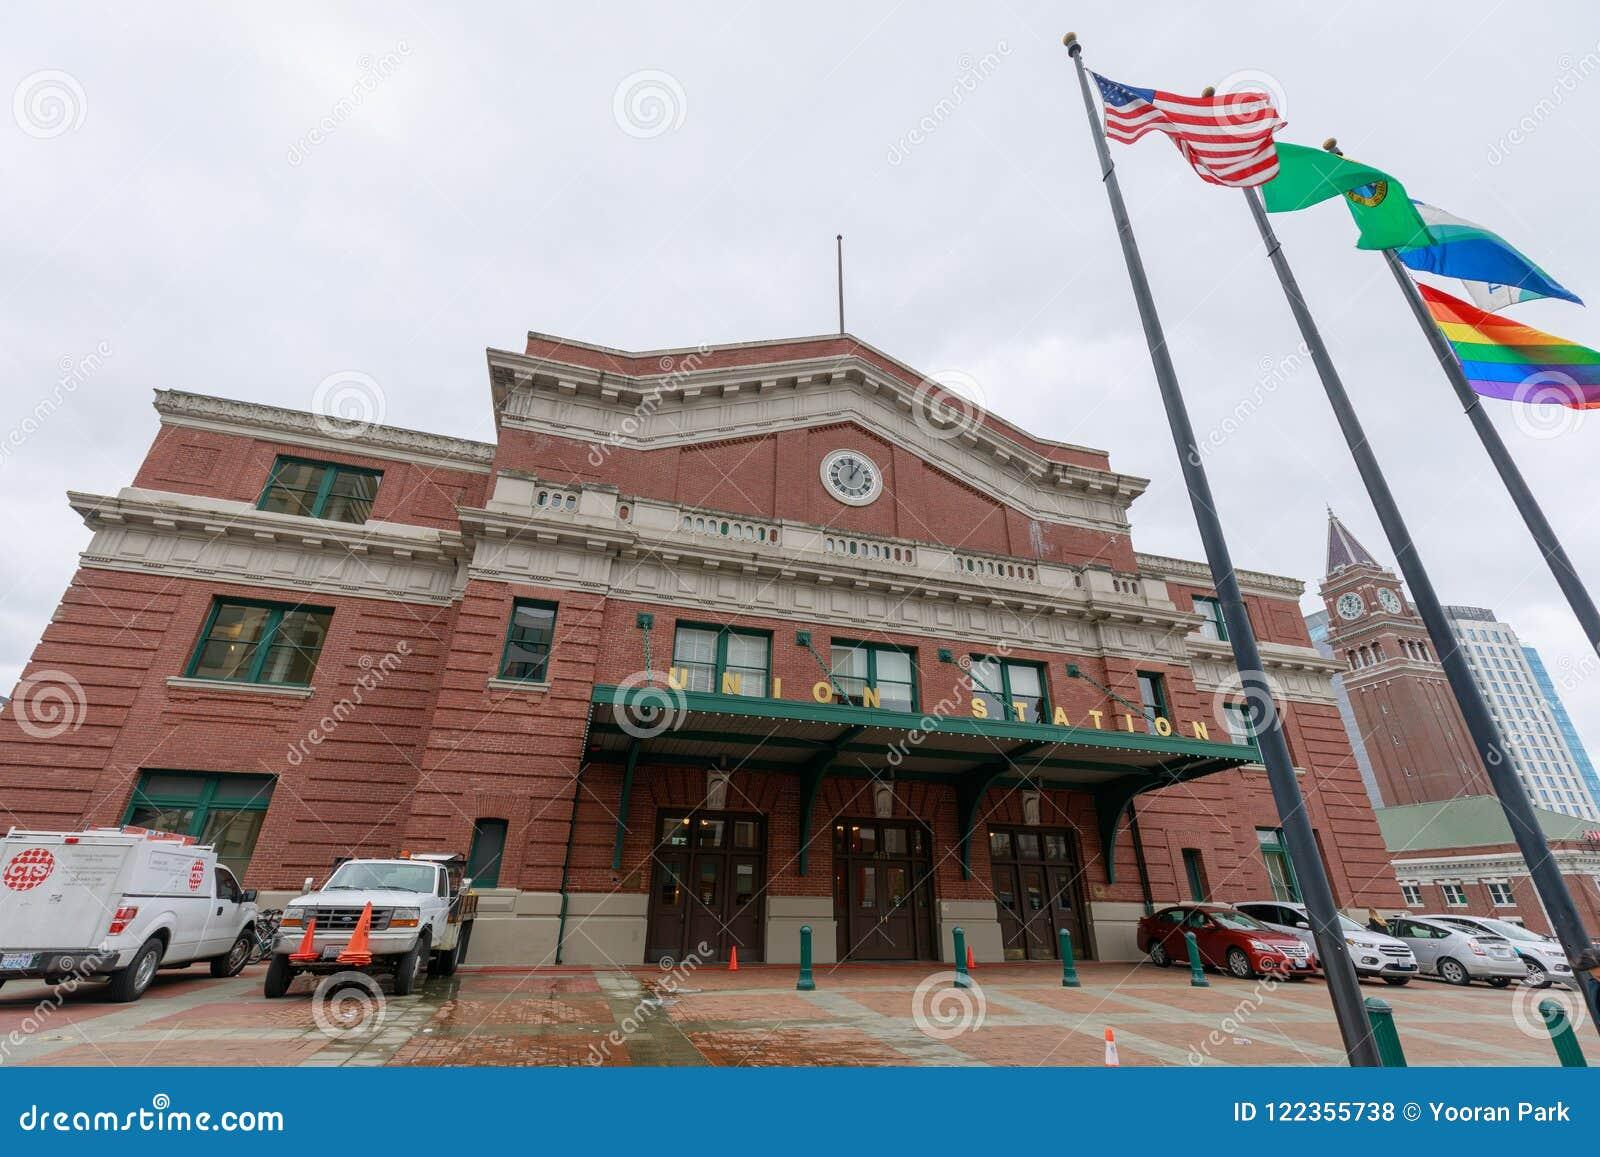 Станция соединения, которая бывший вокзал в Сиэтл, Вашингтоне, США